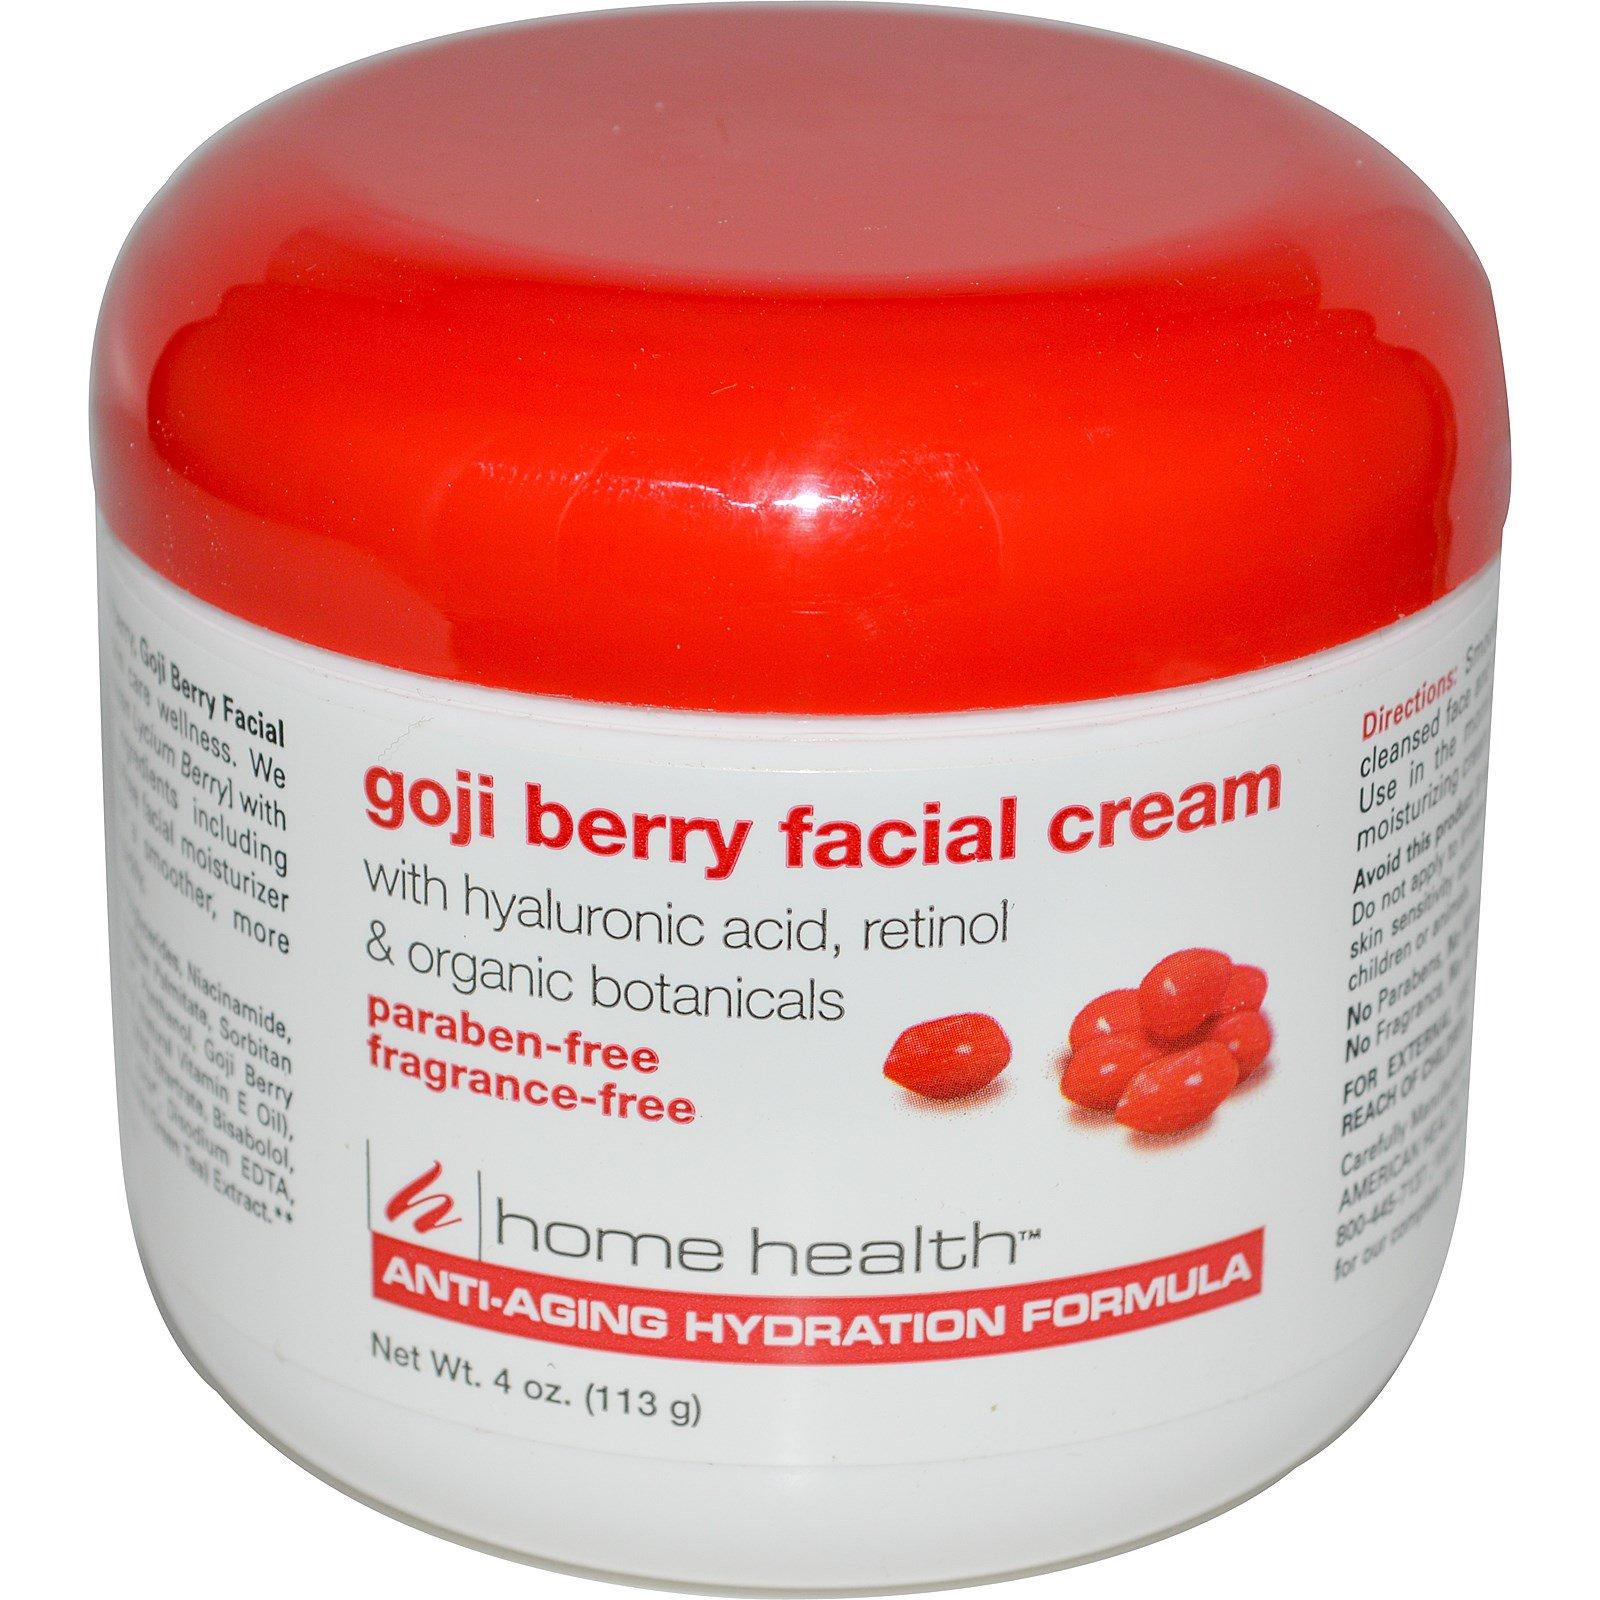 goji berry face cream reviews